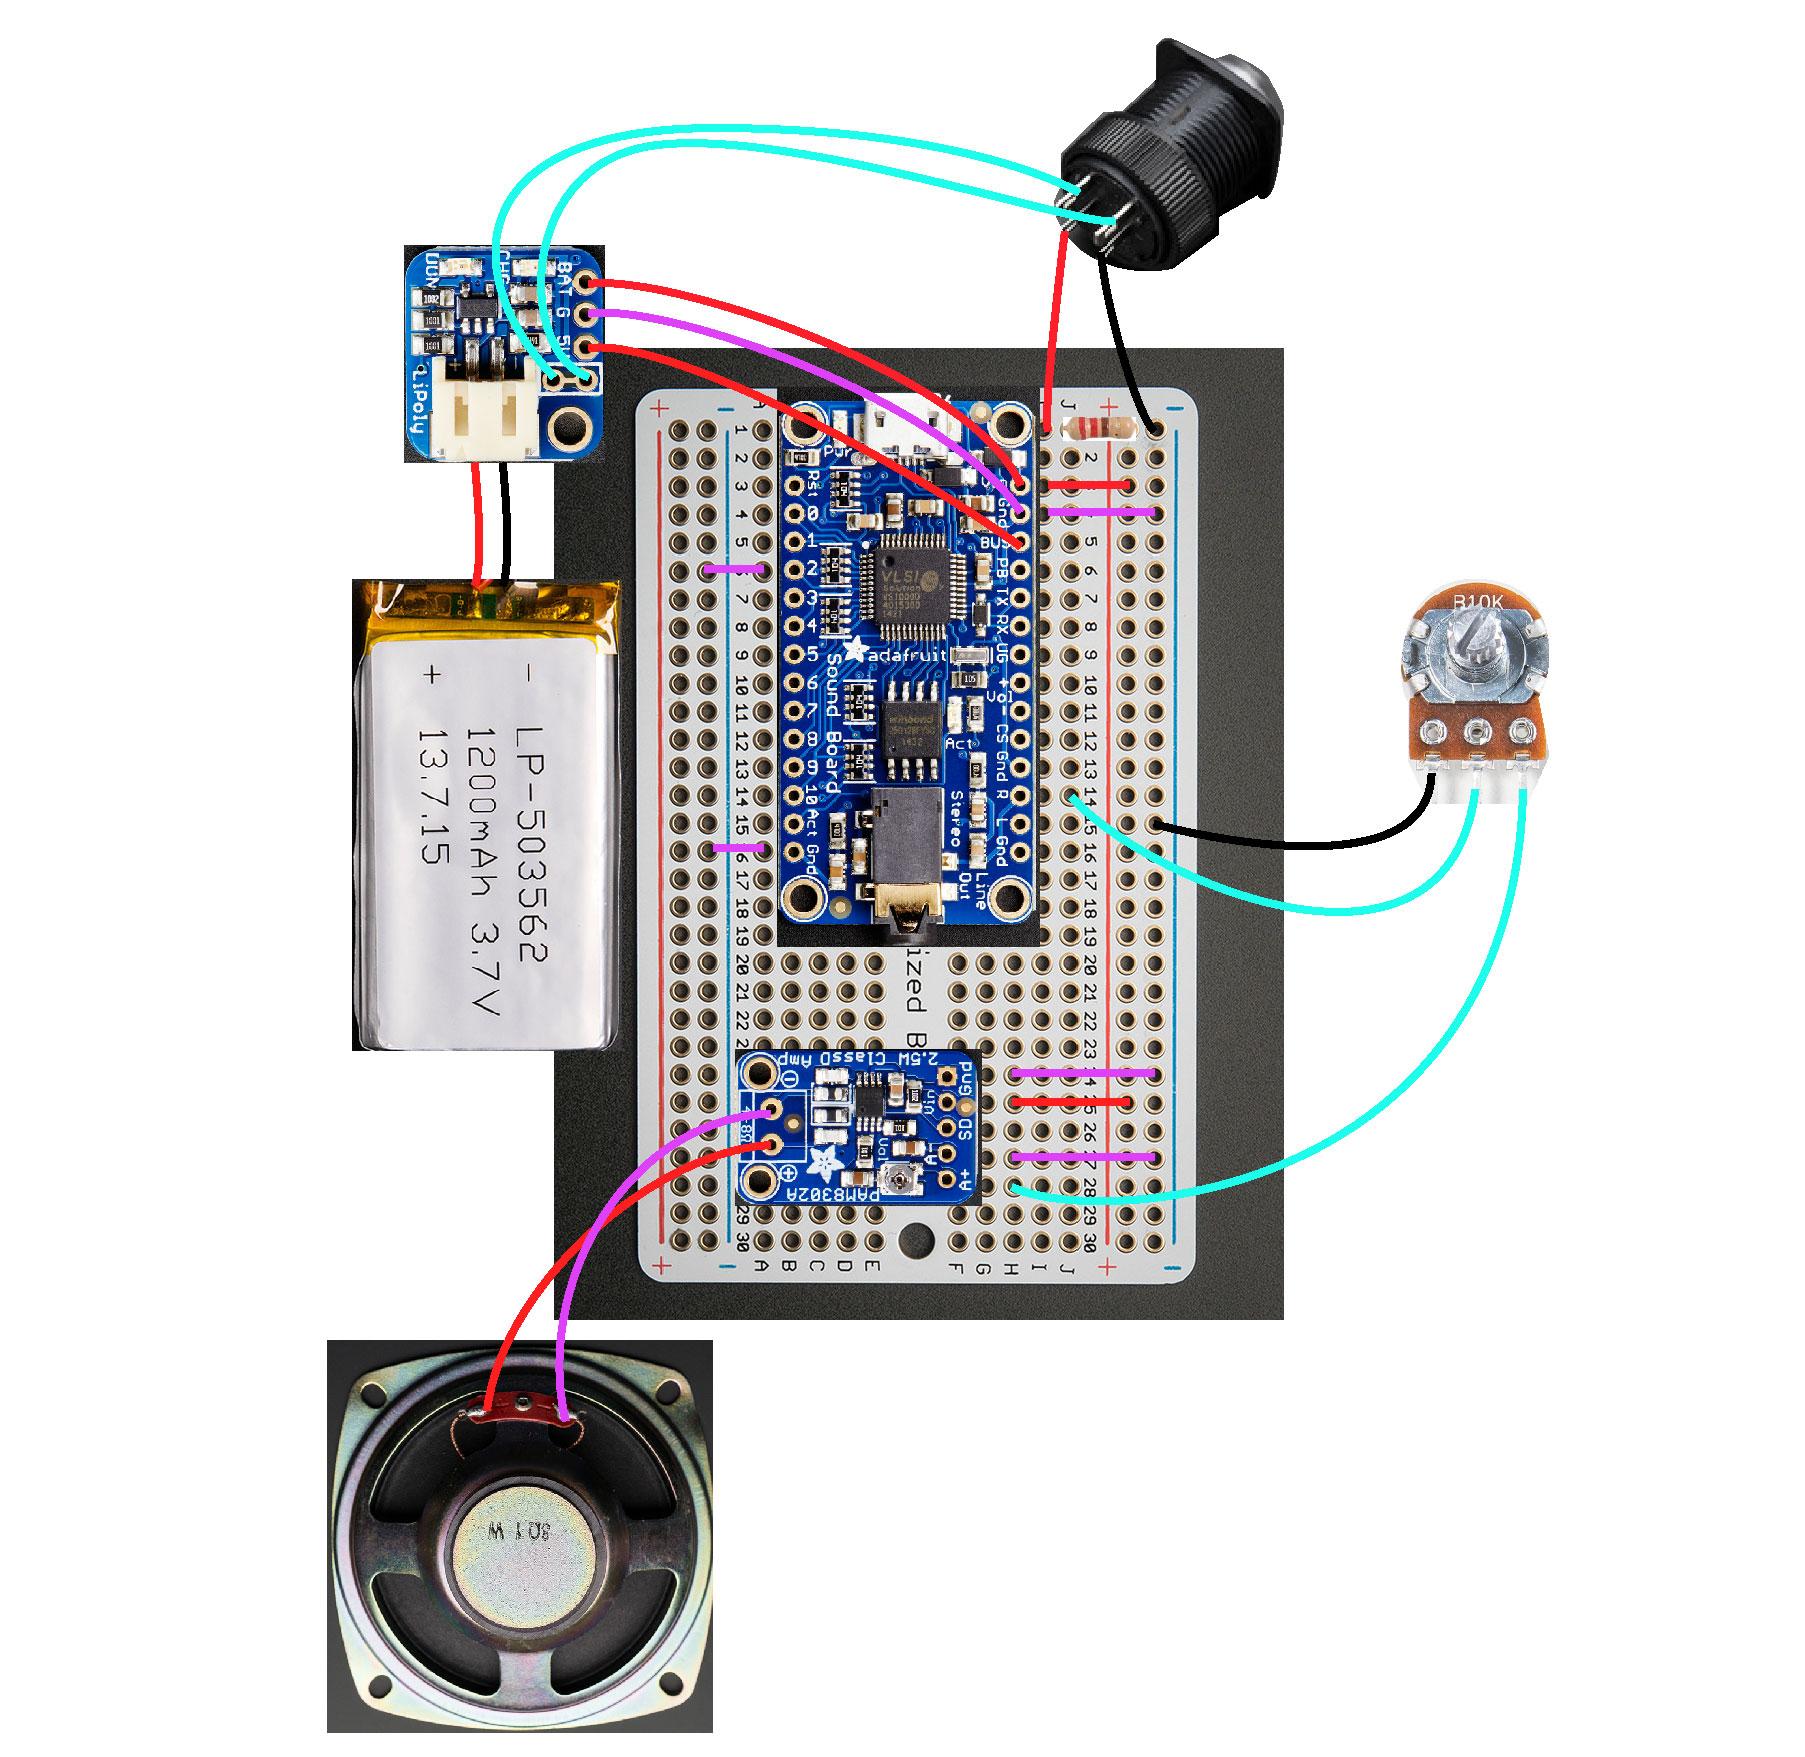 adafruit_products_diagram.jpg